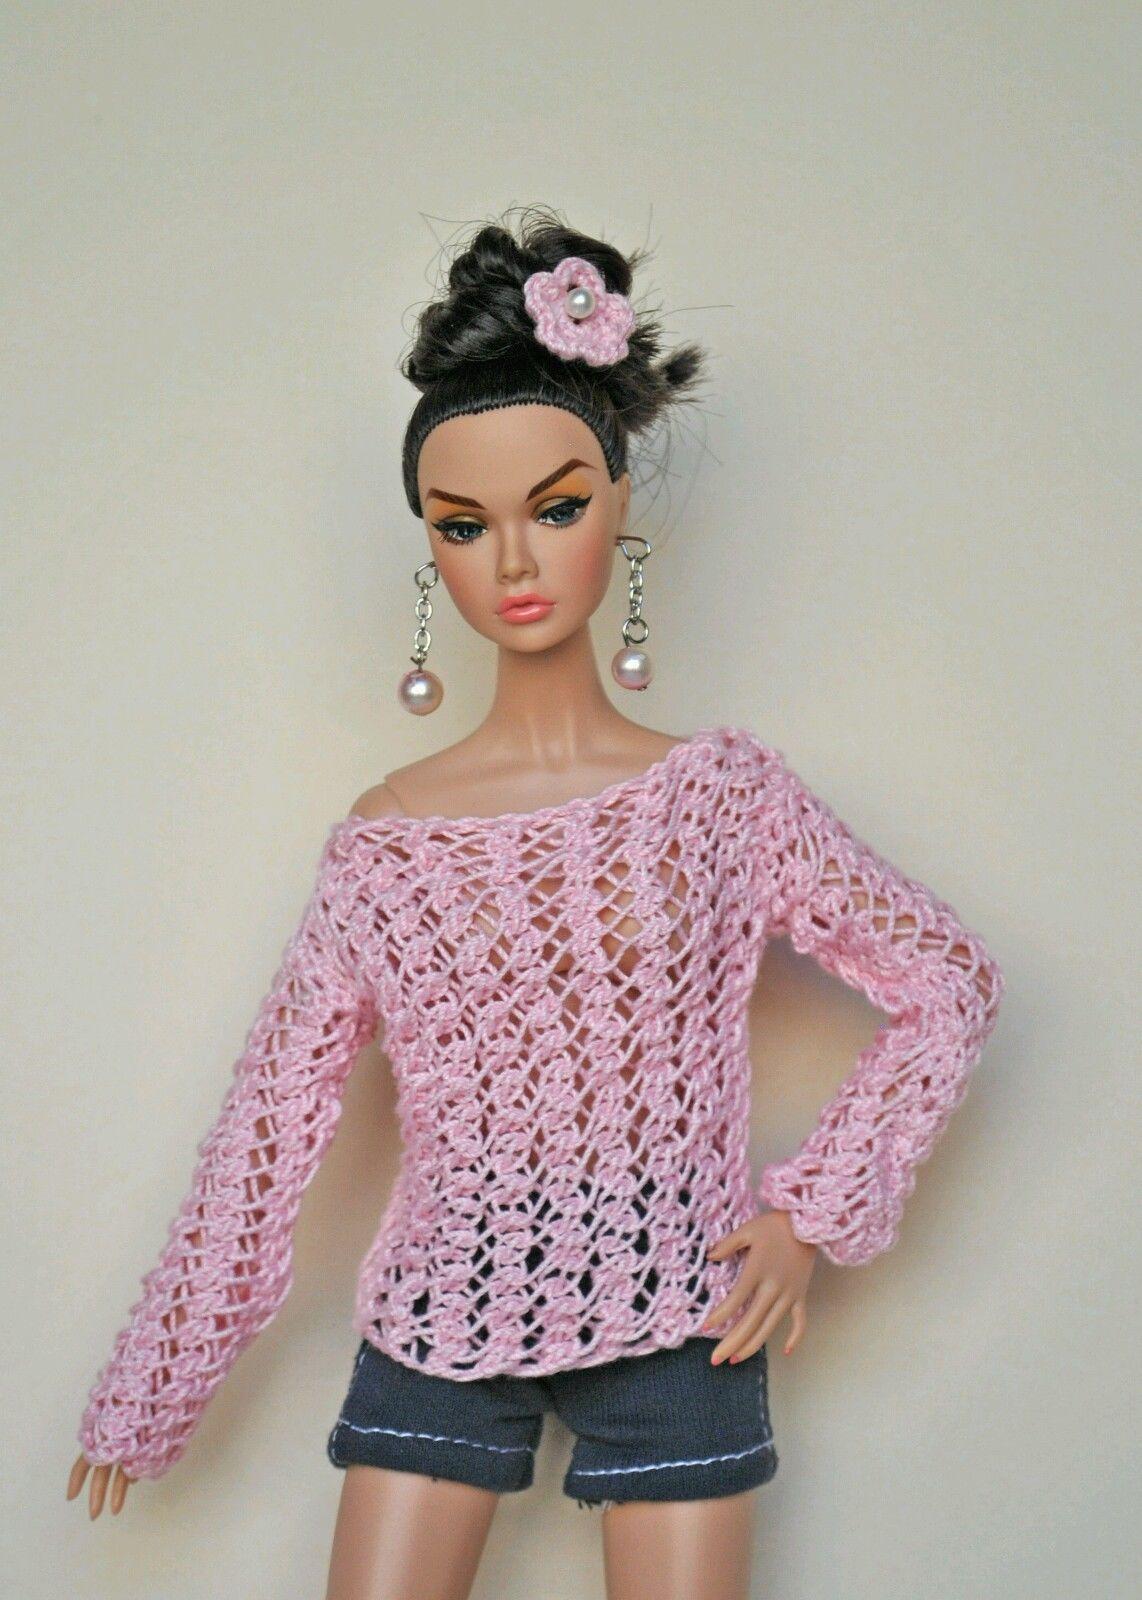 Pin von Karo auf Puppenkleider | Pinterest | Barbie, Puppen und ...